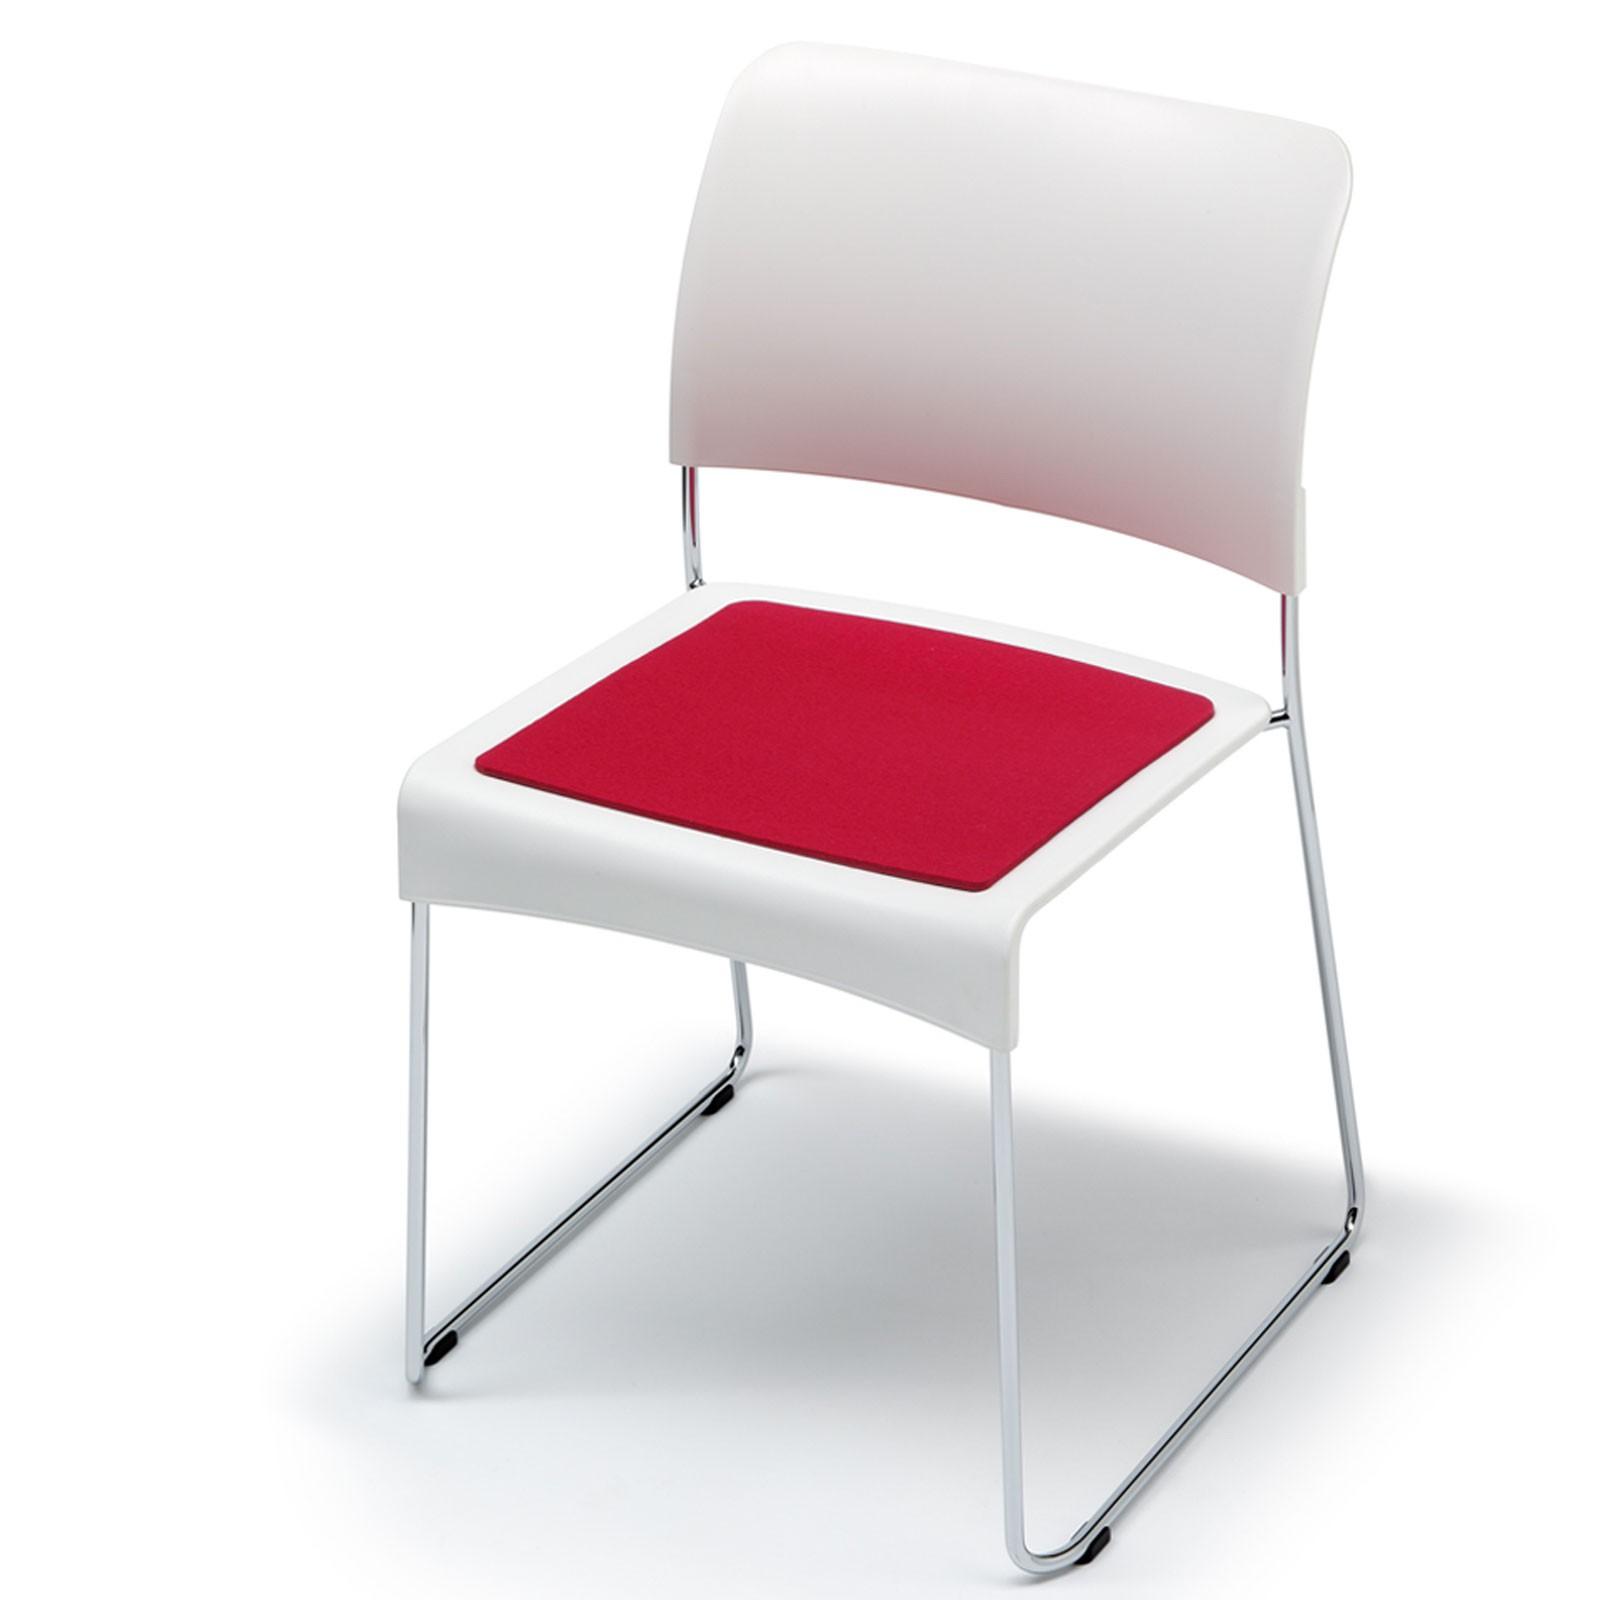 sitzauflagen 4 teilig f r sim hey sign verschiedene farben. Black Bedroom Furniture Sets. Home Design Ideas